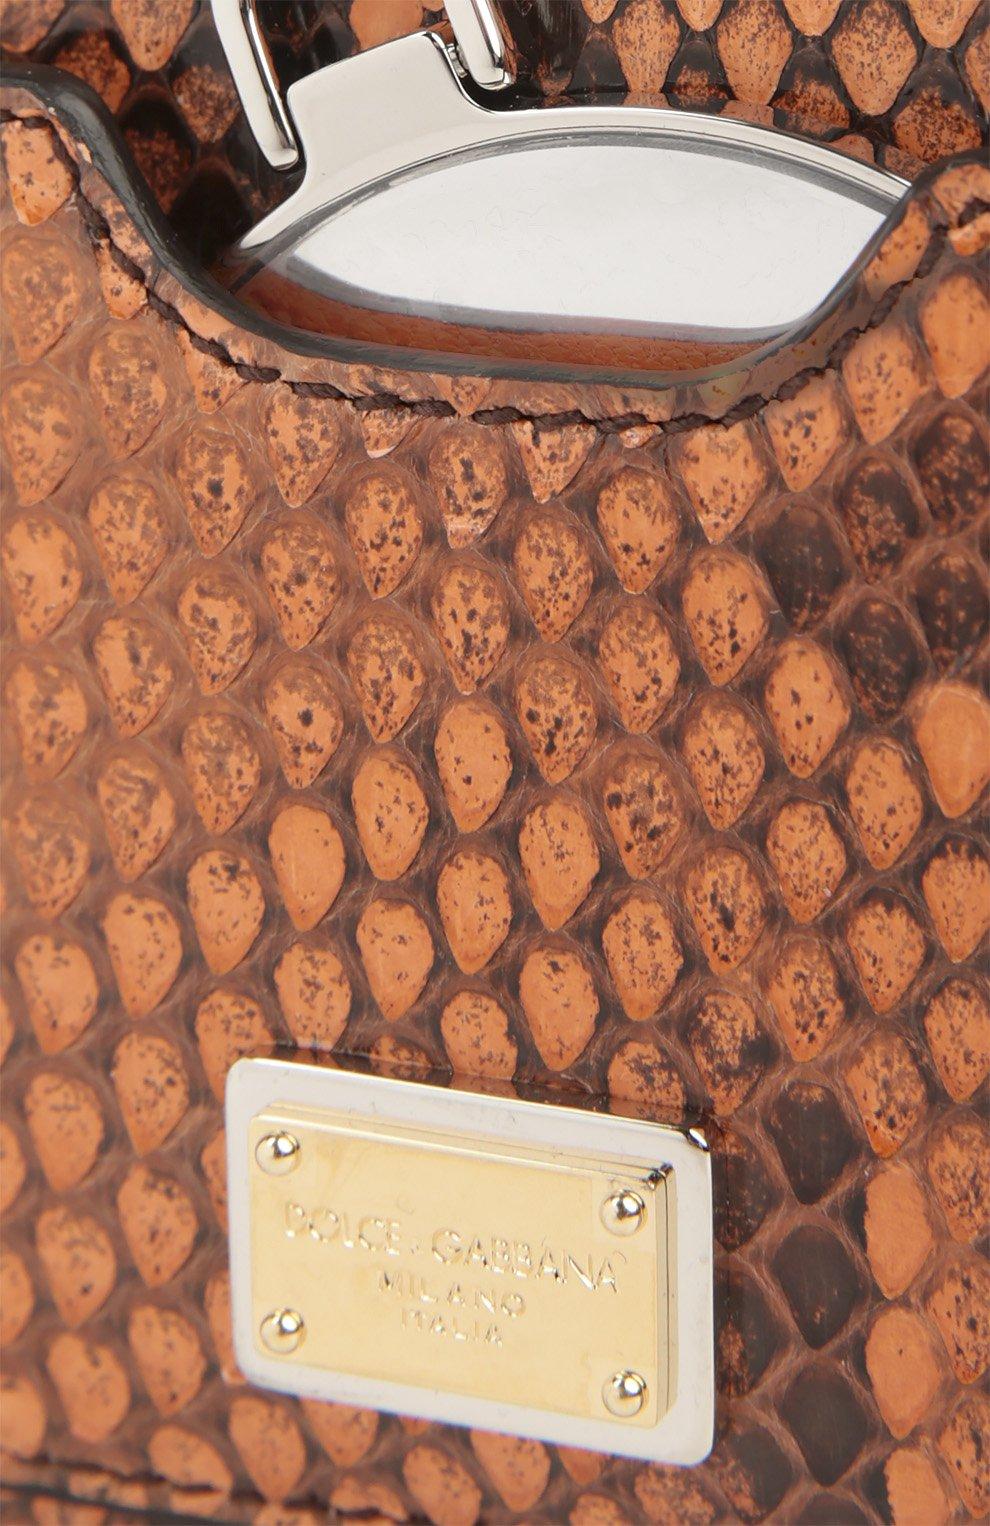 Плетеная сумка-корзинка Agnese с аксессуарами из кожи питона и игуаны Dolce & Gabbana разноцветная цвета | Фото №7